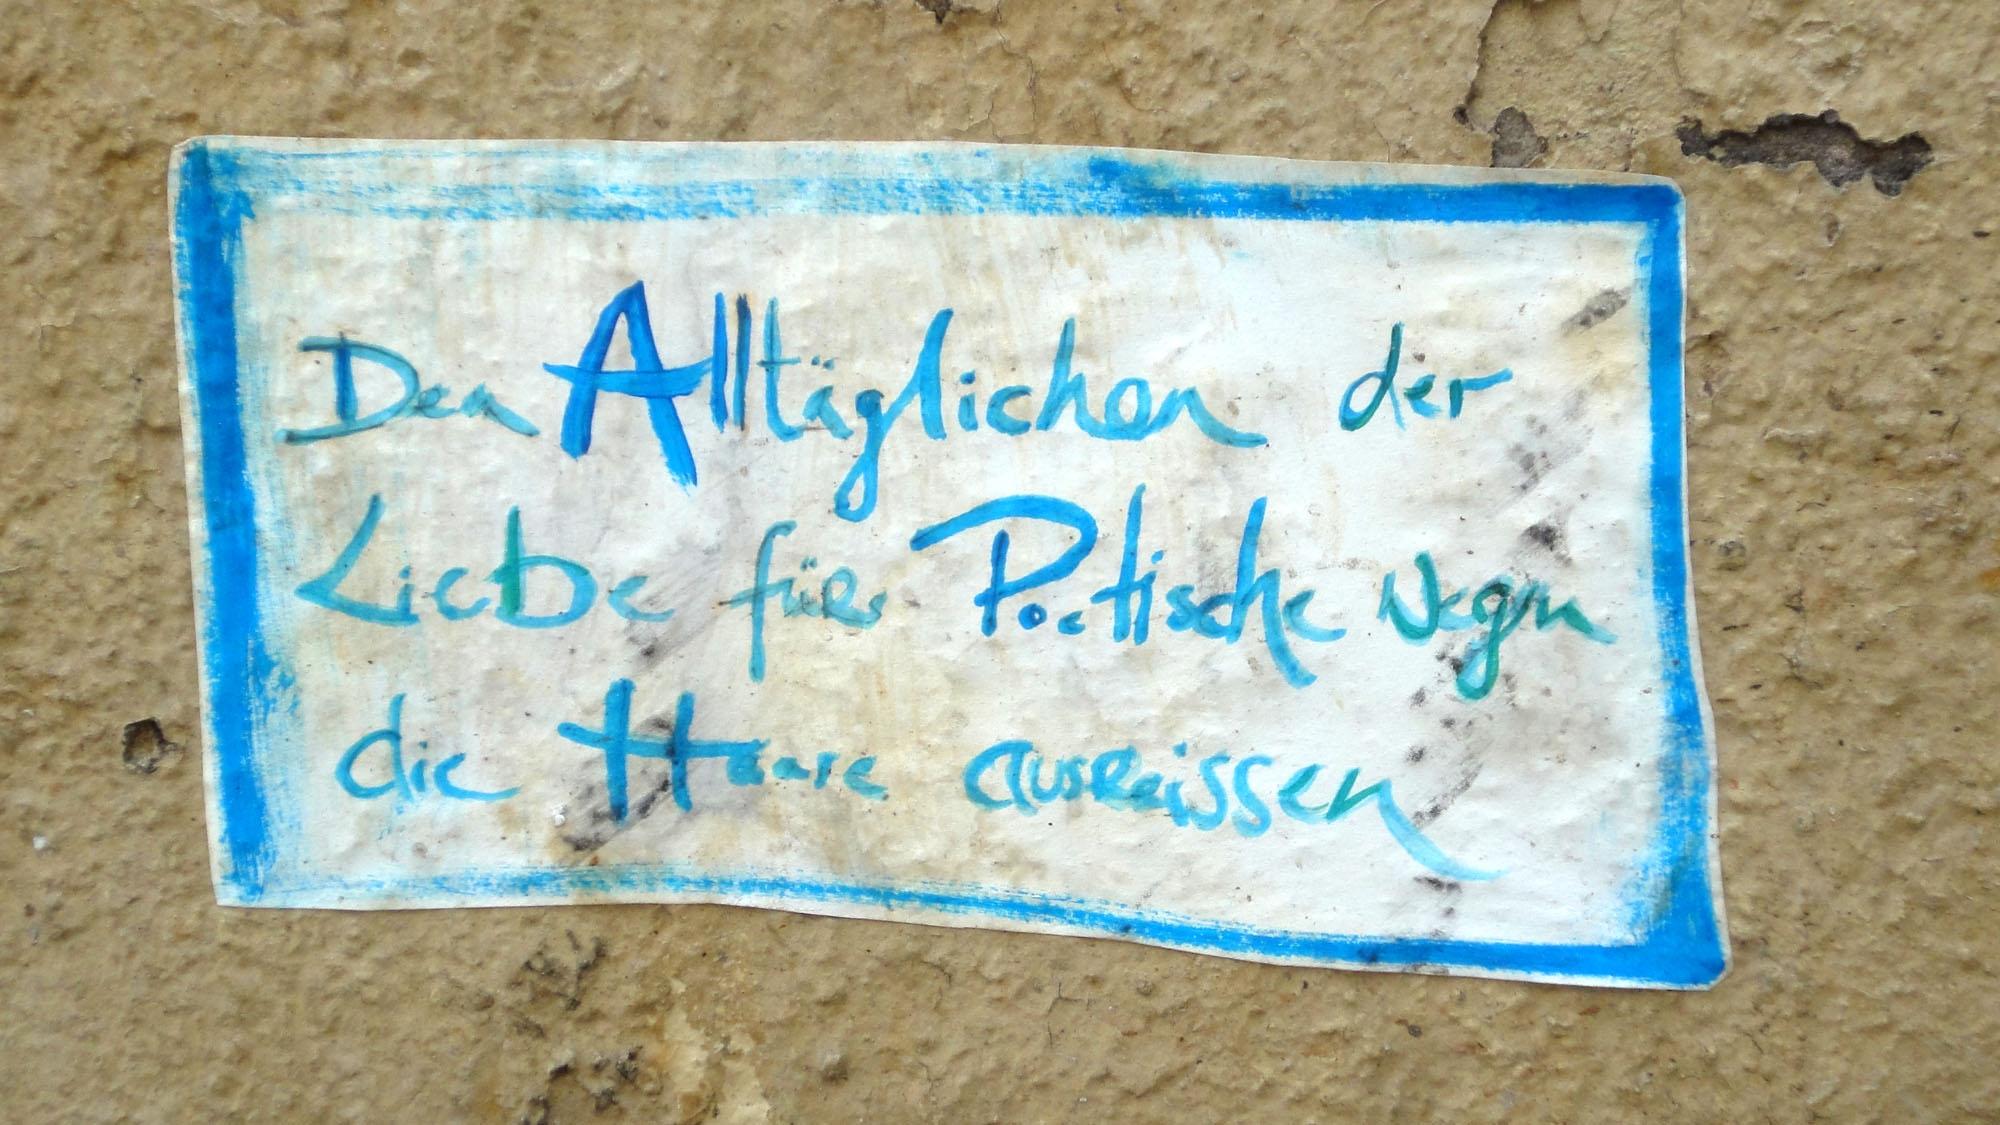 Alltag und Poetik, gesehen an der Sebnitzer Straße